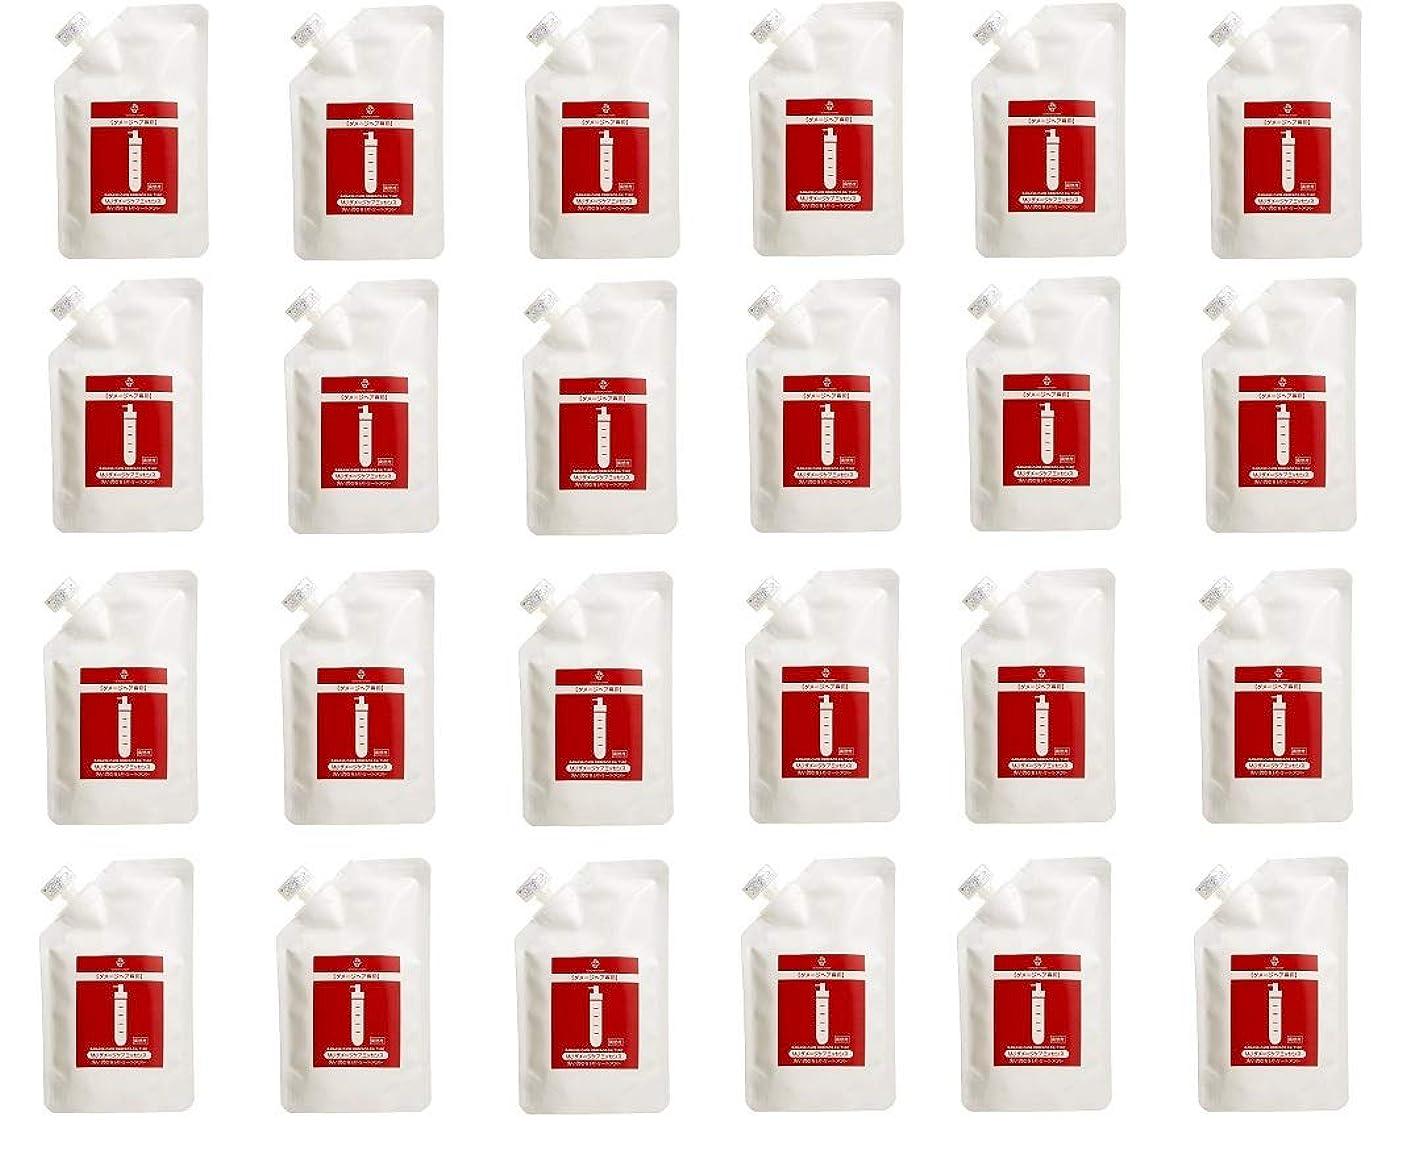 はげオーナメント過度に【24個セット】 マーガレット ジョセフィン ダメージケアエッセンス 詰替え用 120ml